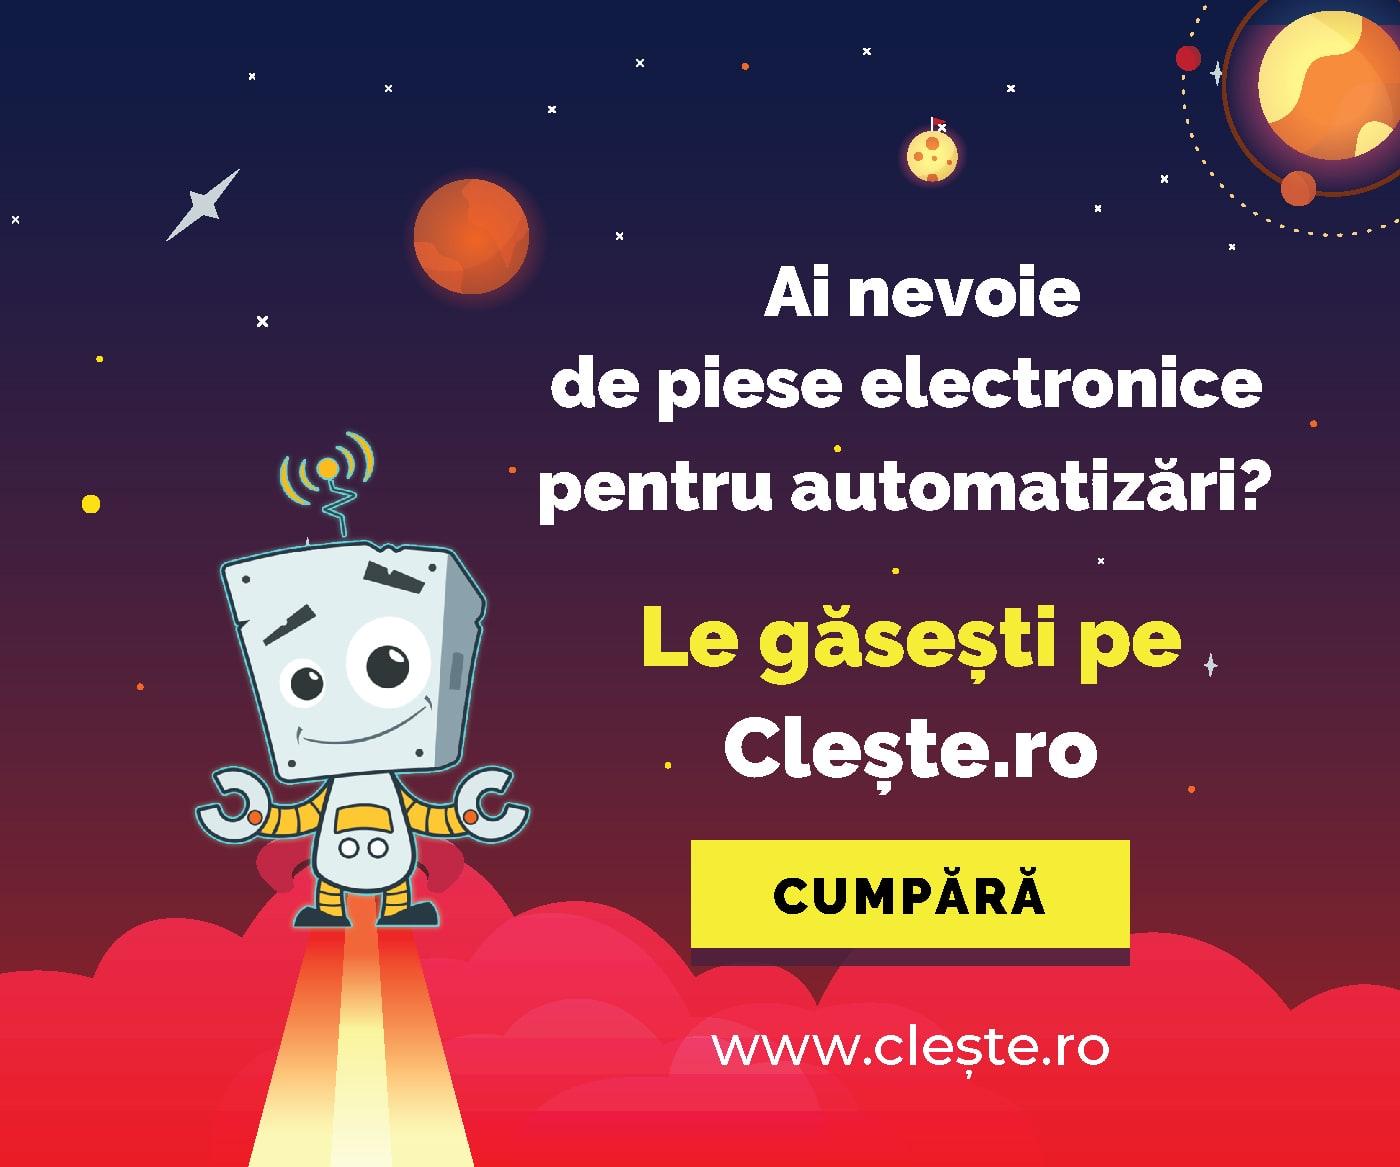 cleste.ro